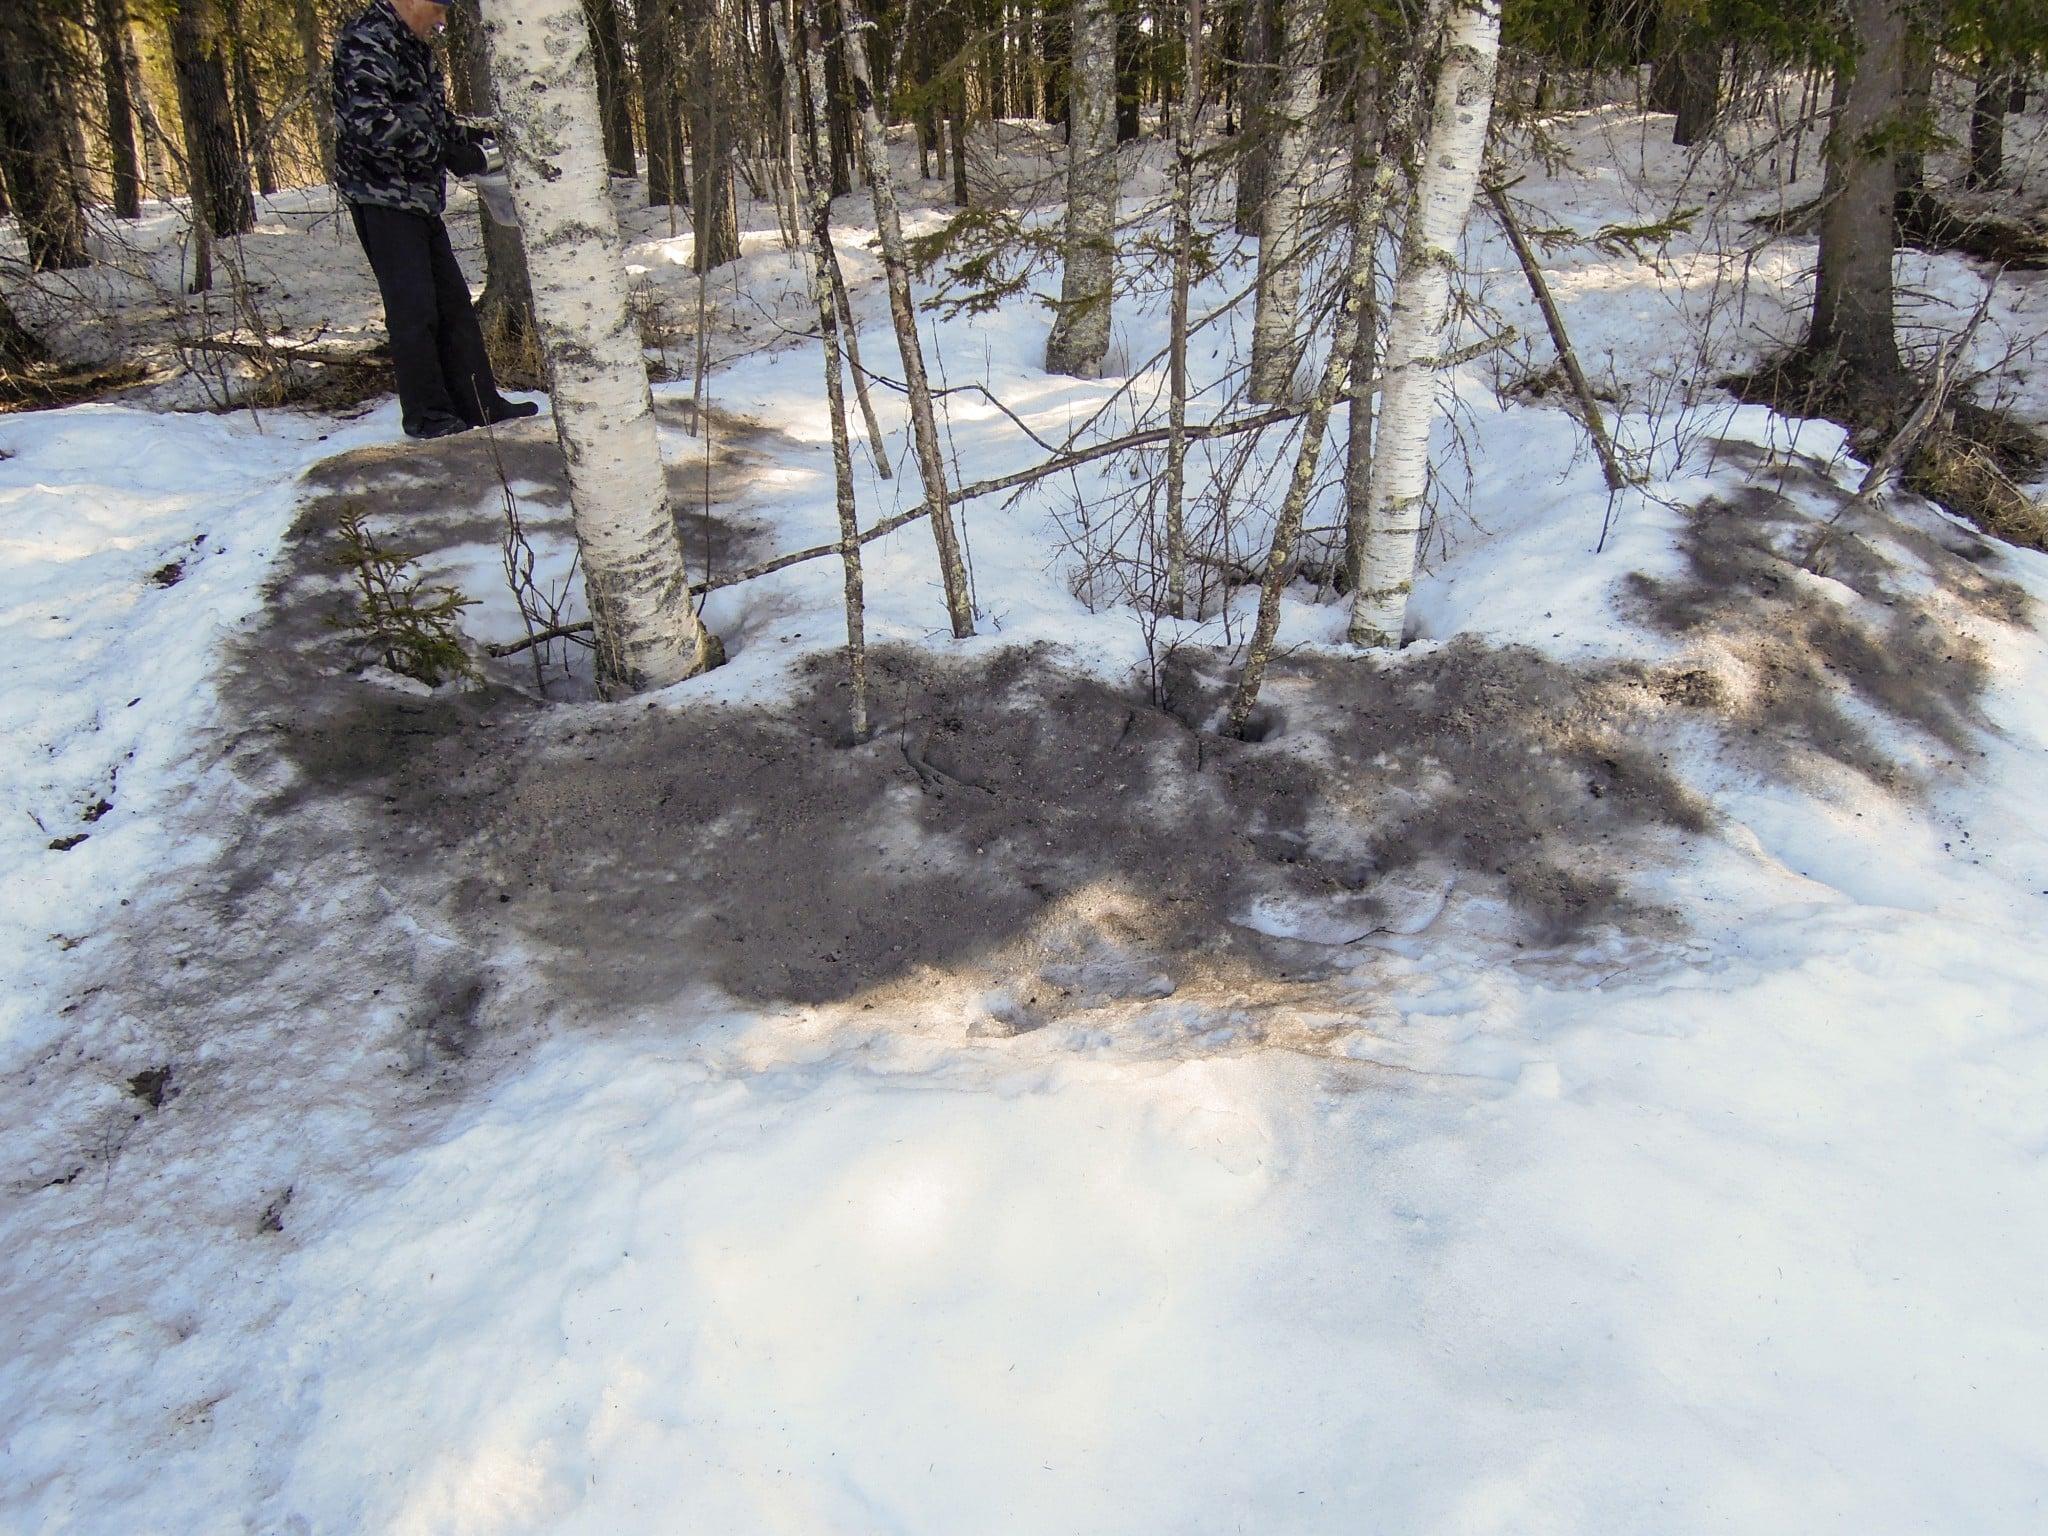 Askan sprids medan det ännu ligger djupt med snö. Arbetet underlättas om det blåser. Foto: Bernt Karlsson